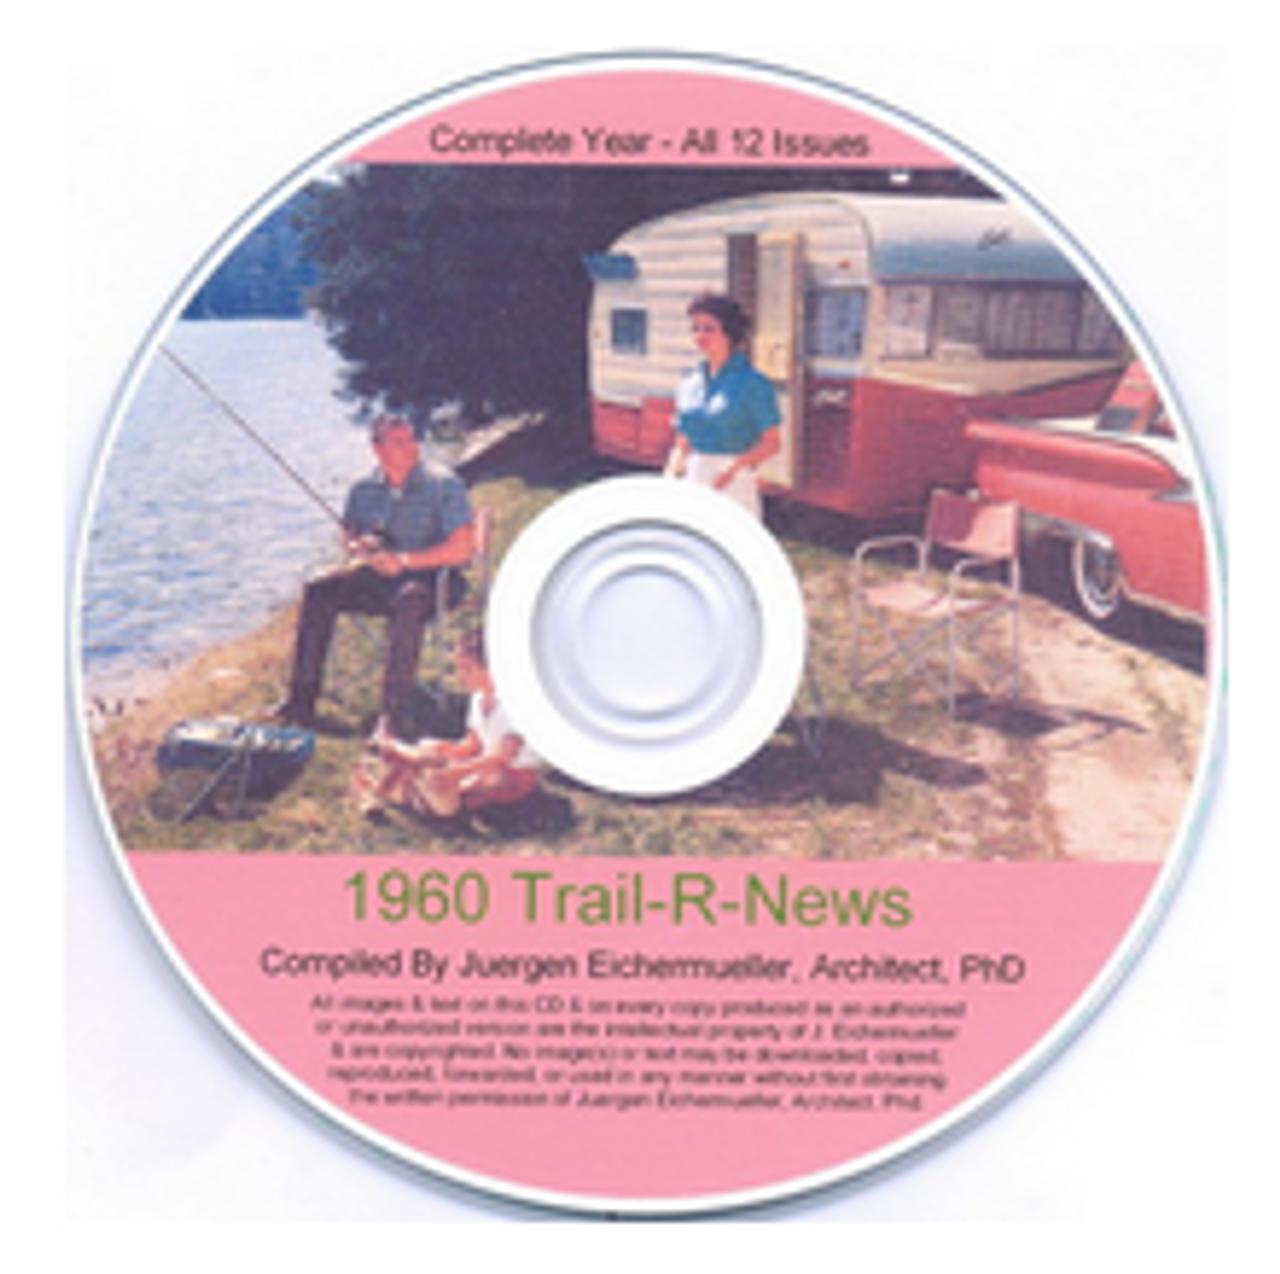 CD-ROM 1960 Trail-R-News (CBL014)